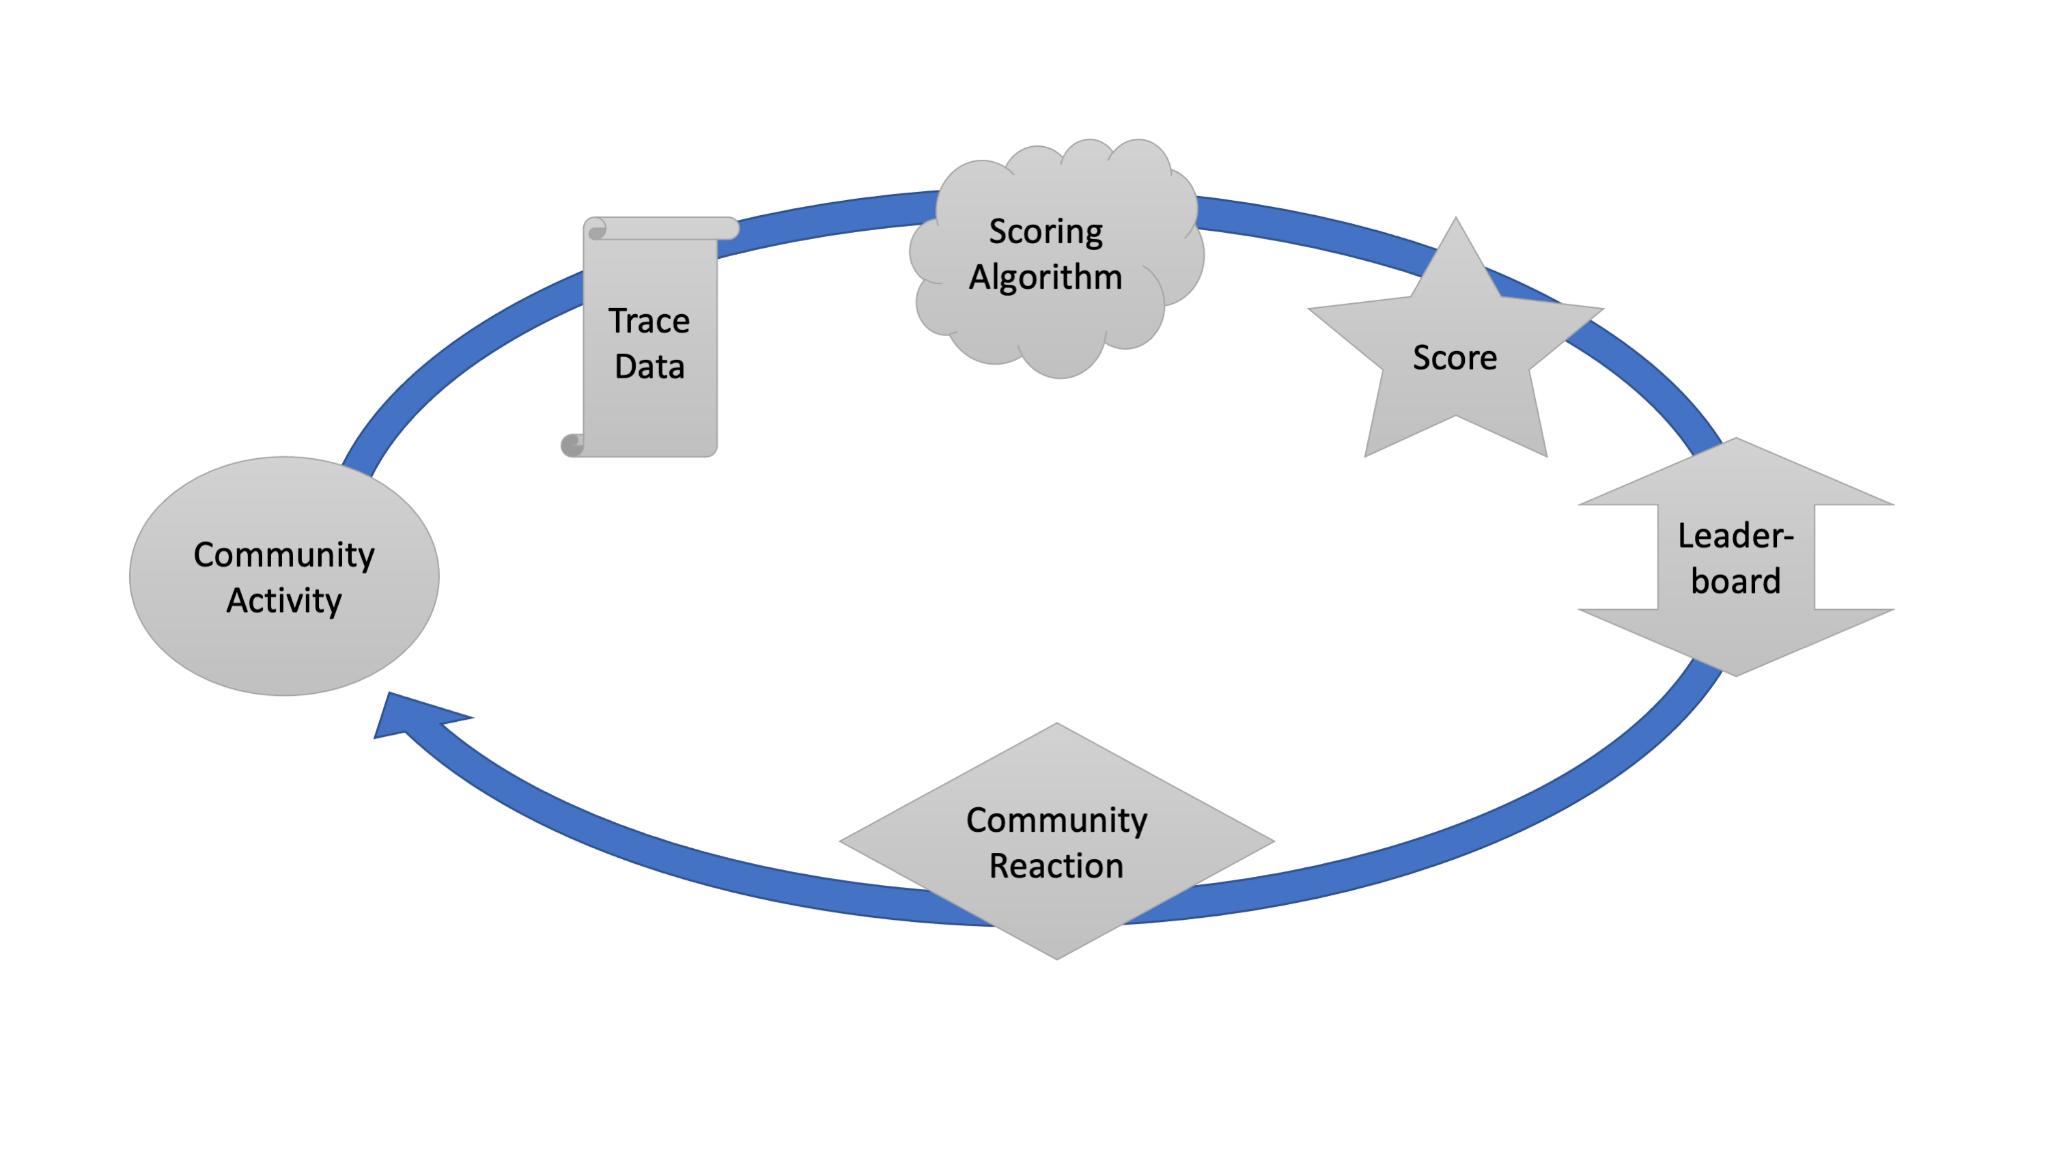 Open source leaderboard schematic